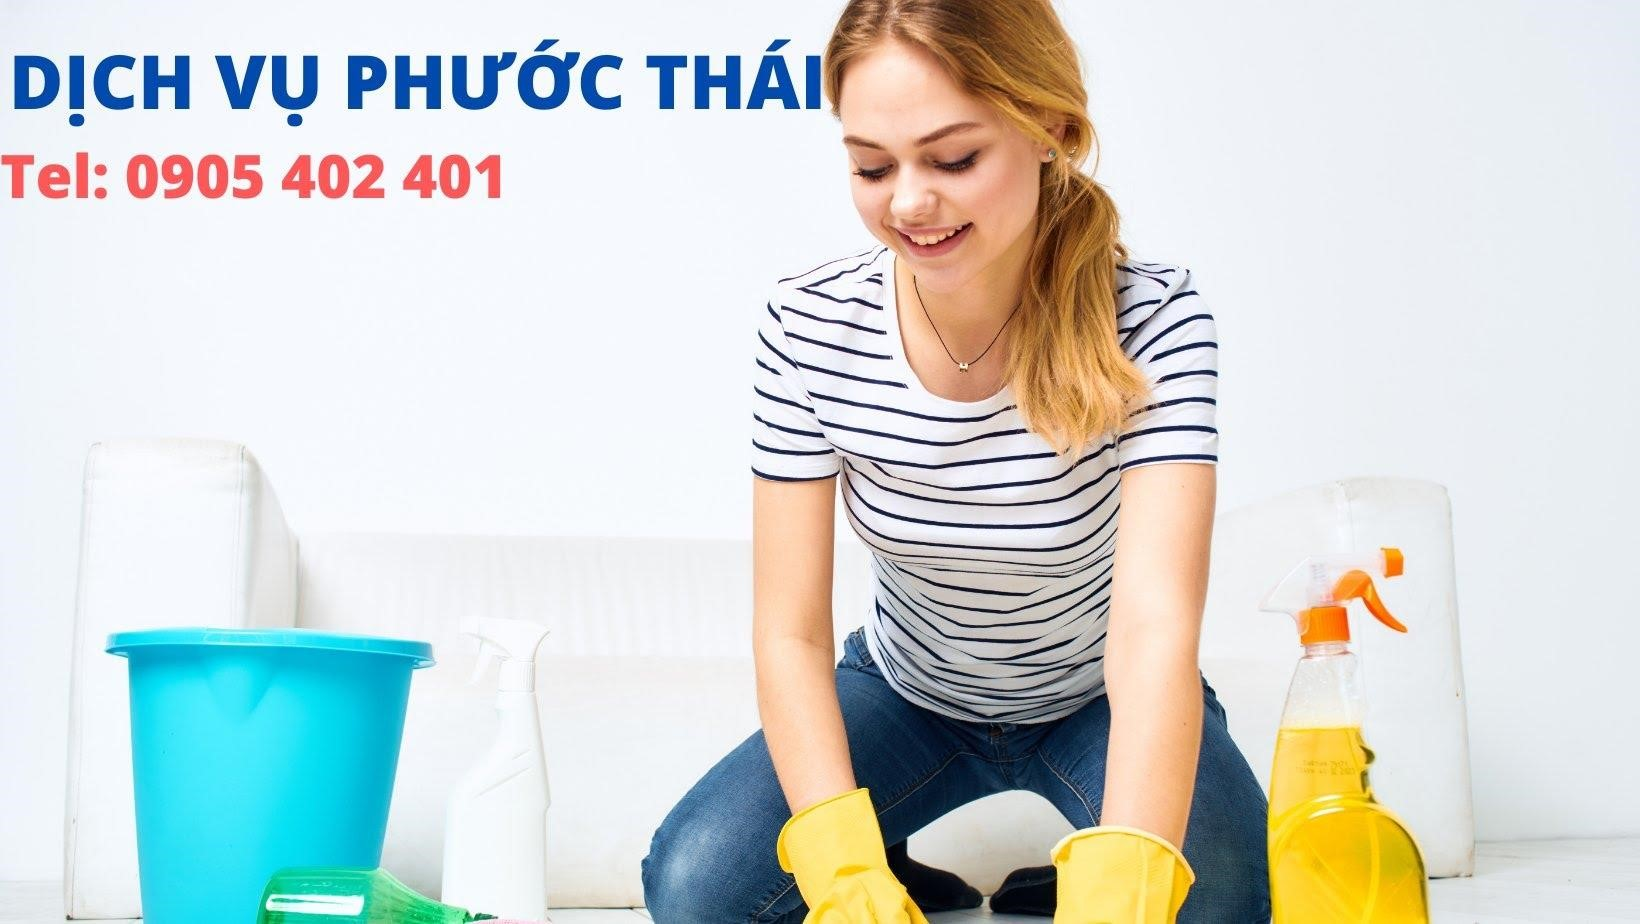 Top 5 công ty vệ sinh công nghiệp tại Đà Nẵng uy tín nhất